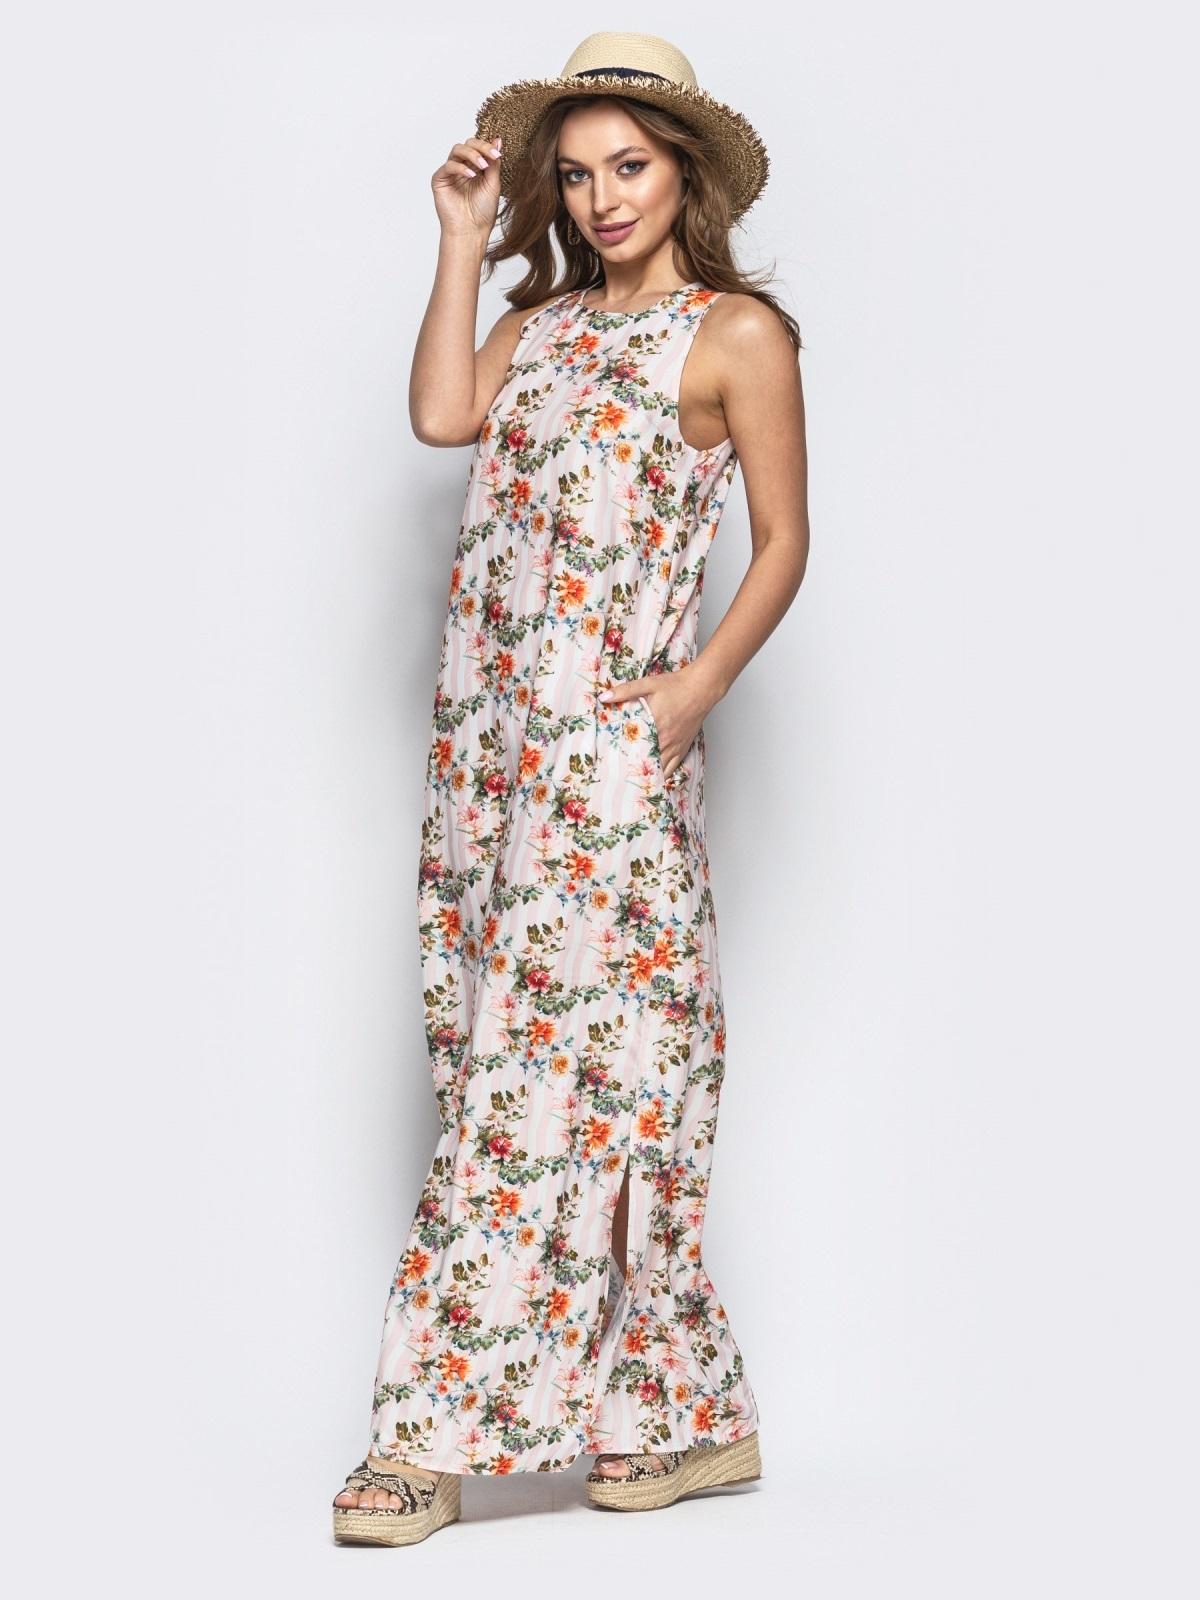 Хлопковое платье в пол с цветочным принтом бежевое - 21660, фото 1 – интернет-магазин Dressa